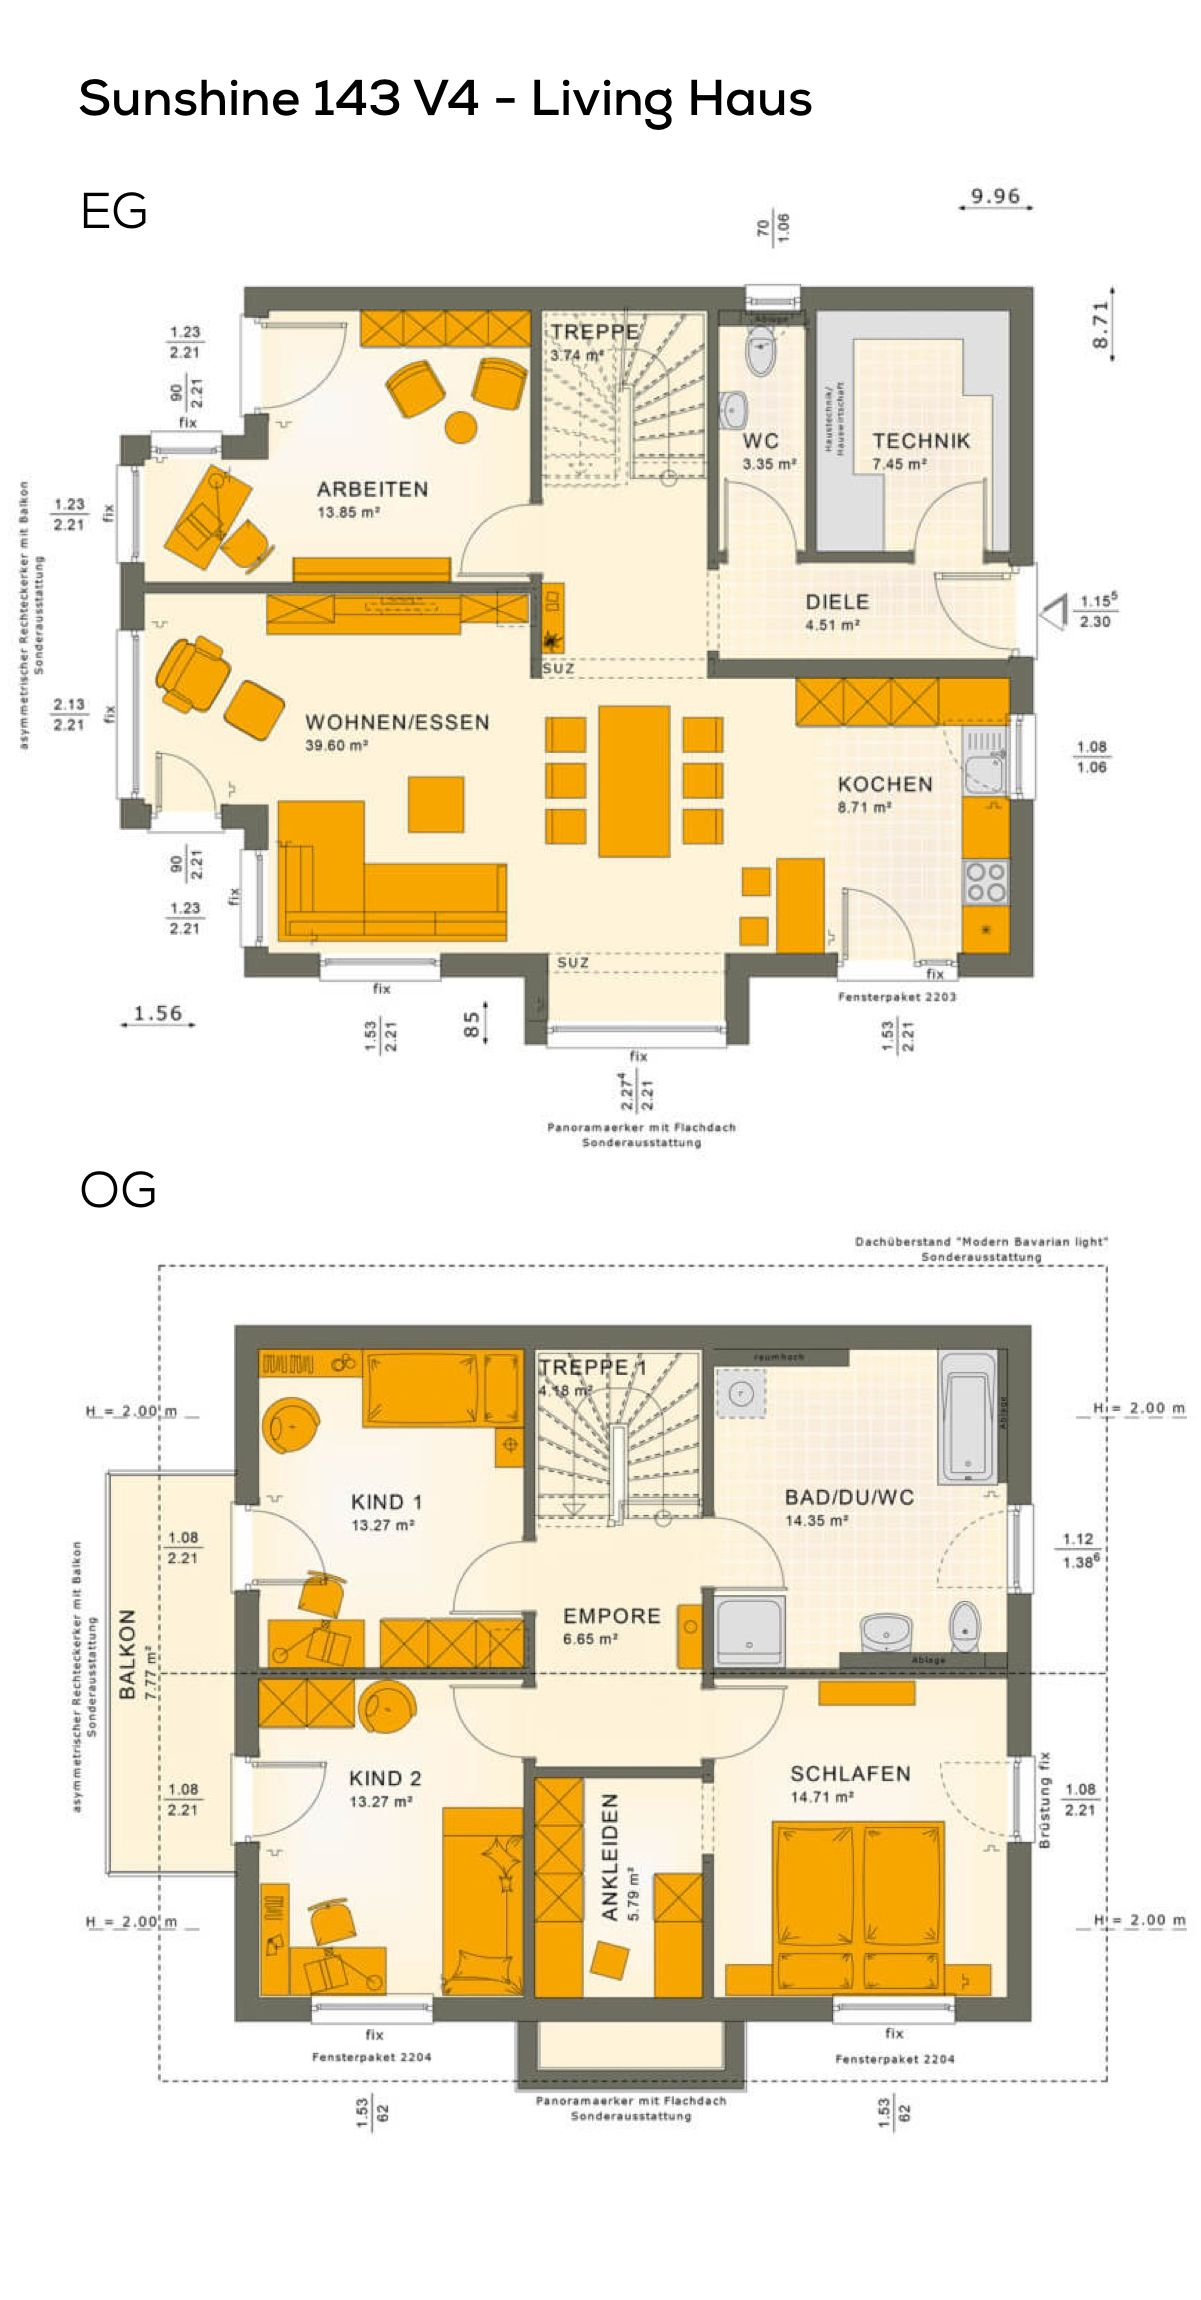 Grundriss Einfamilienhaus modern mit Satteldach Architektur - 5 ...